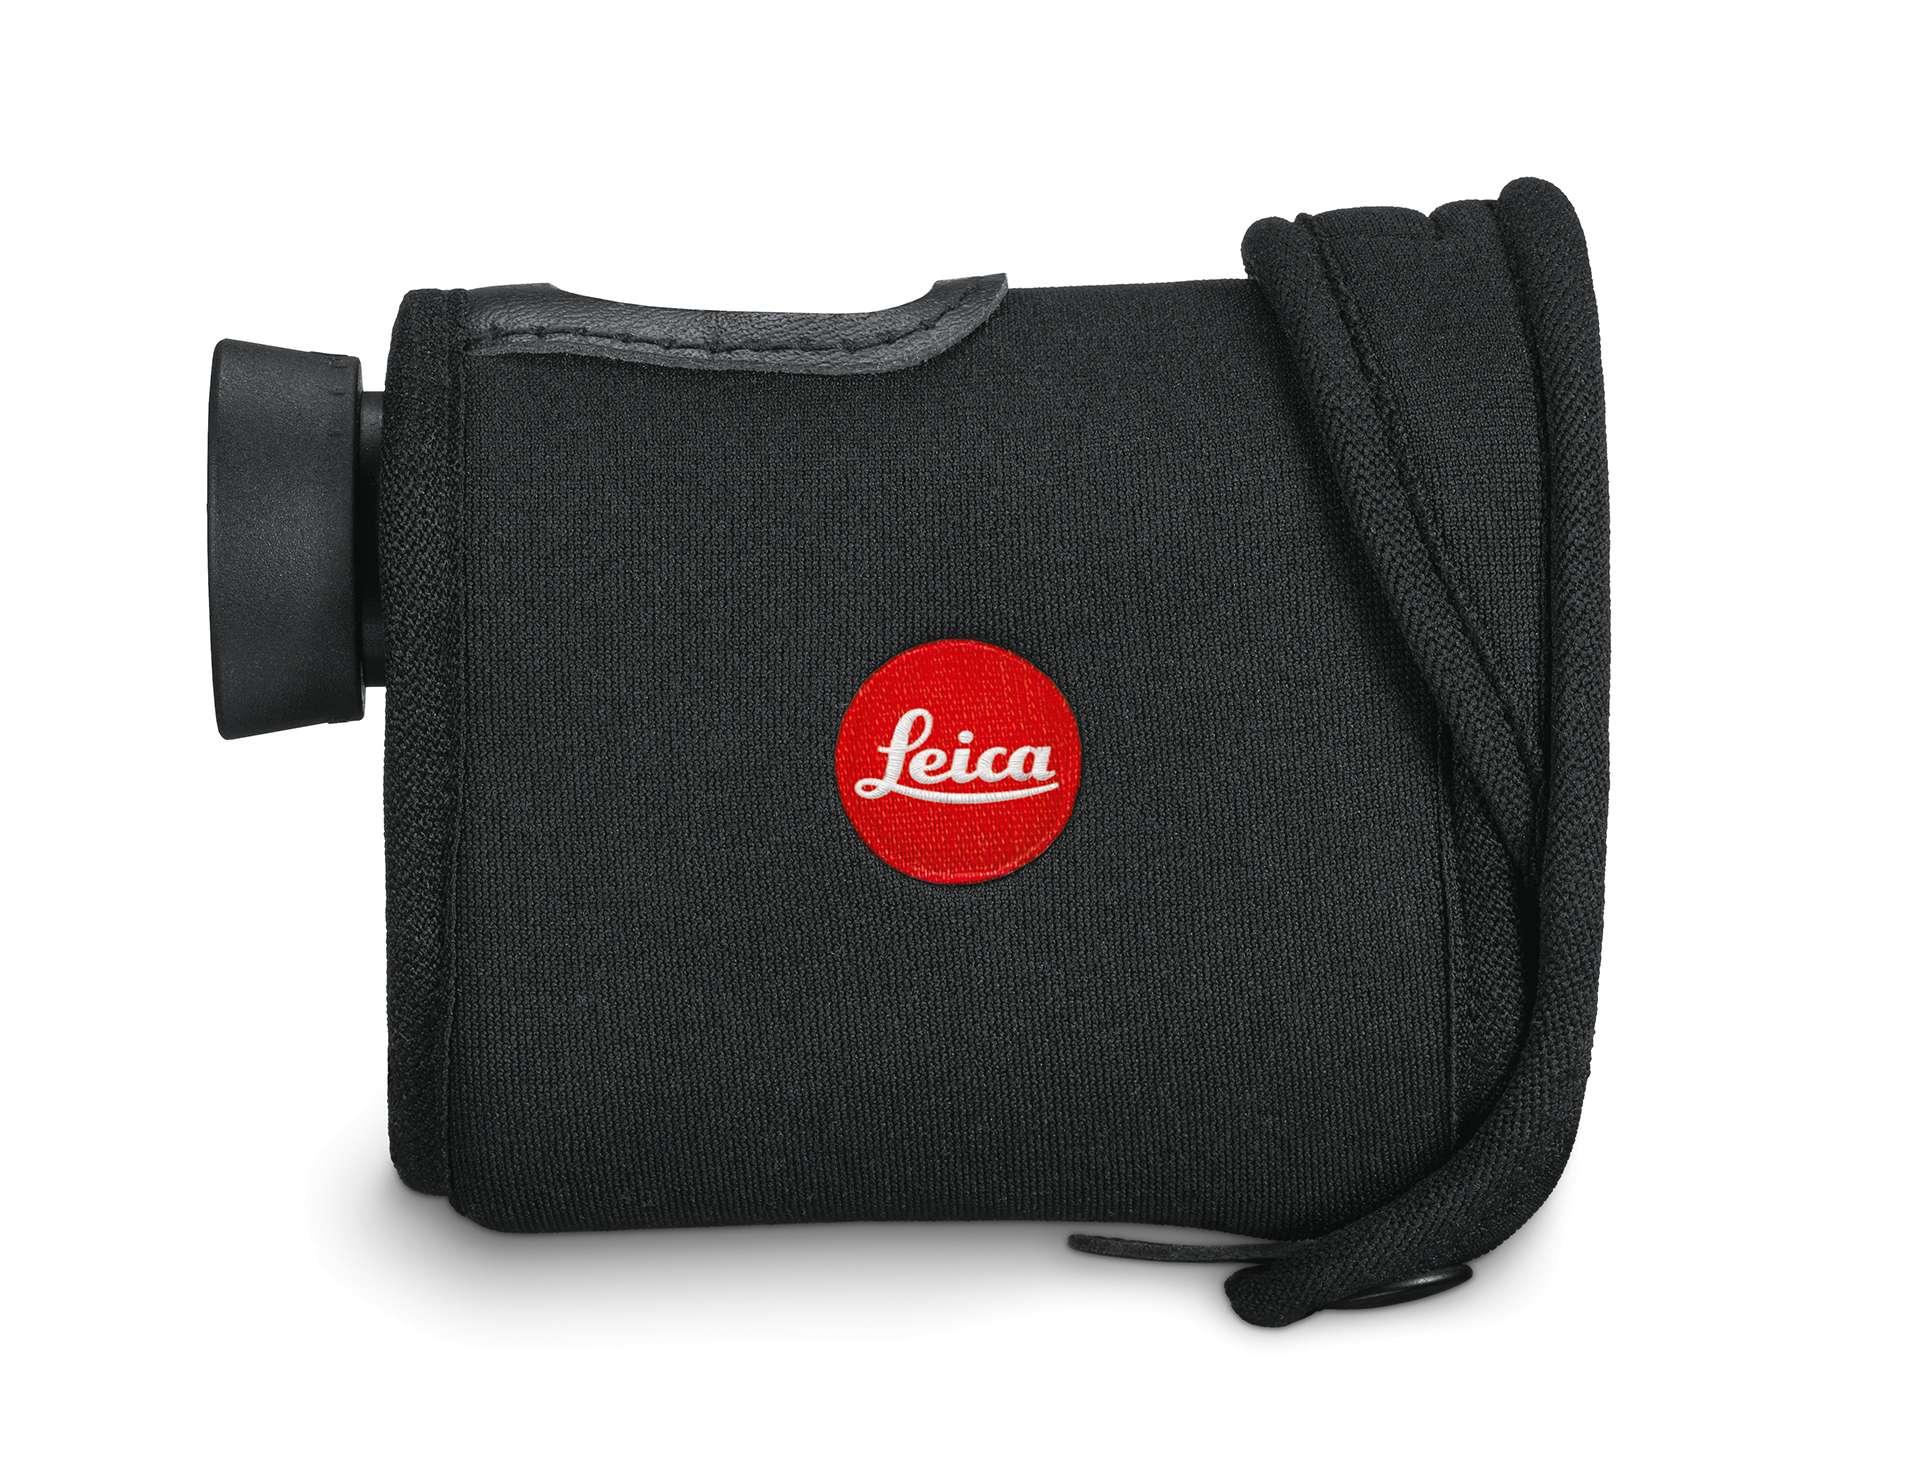 Leica Entfernungsmesser Rangemaster Neopren Cover Black : Rangemaster crf neopren hülle pitch black kaufen leica camera